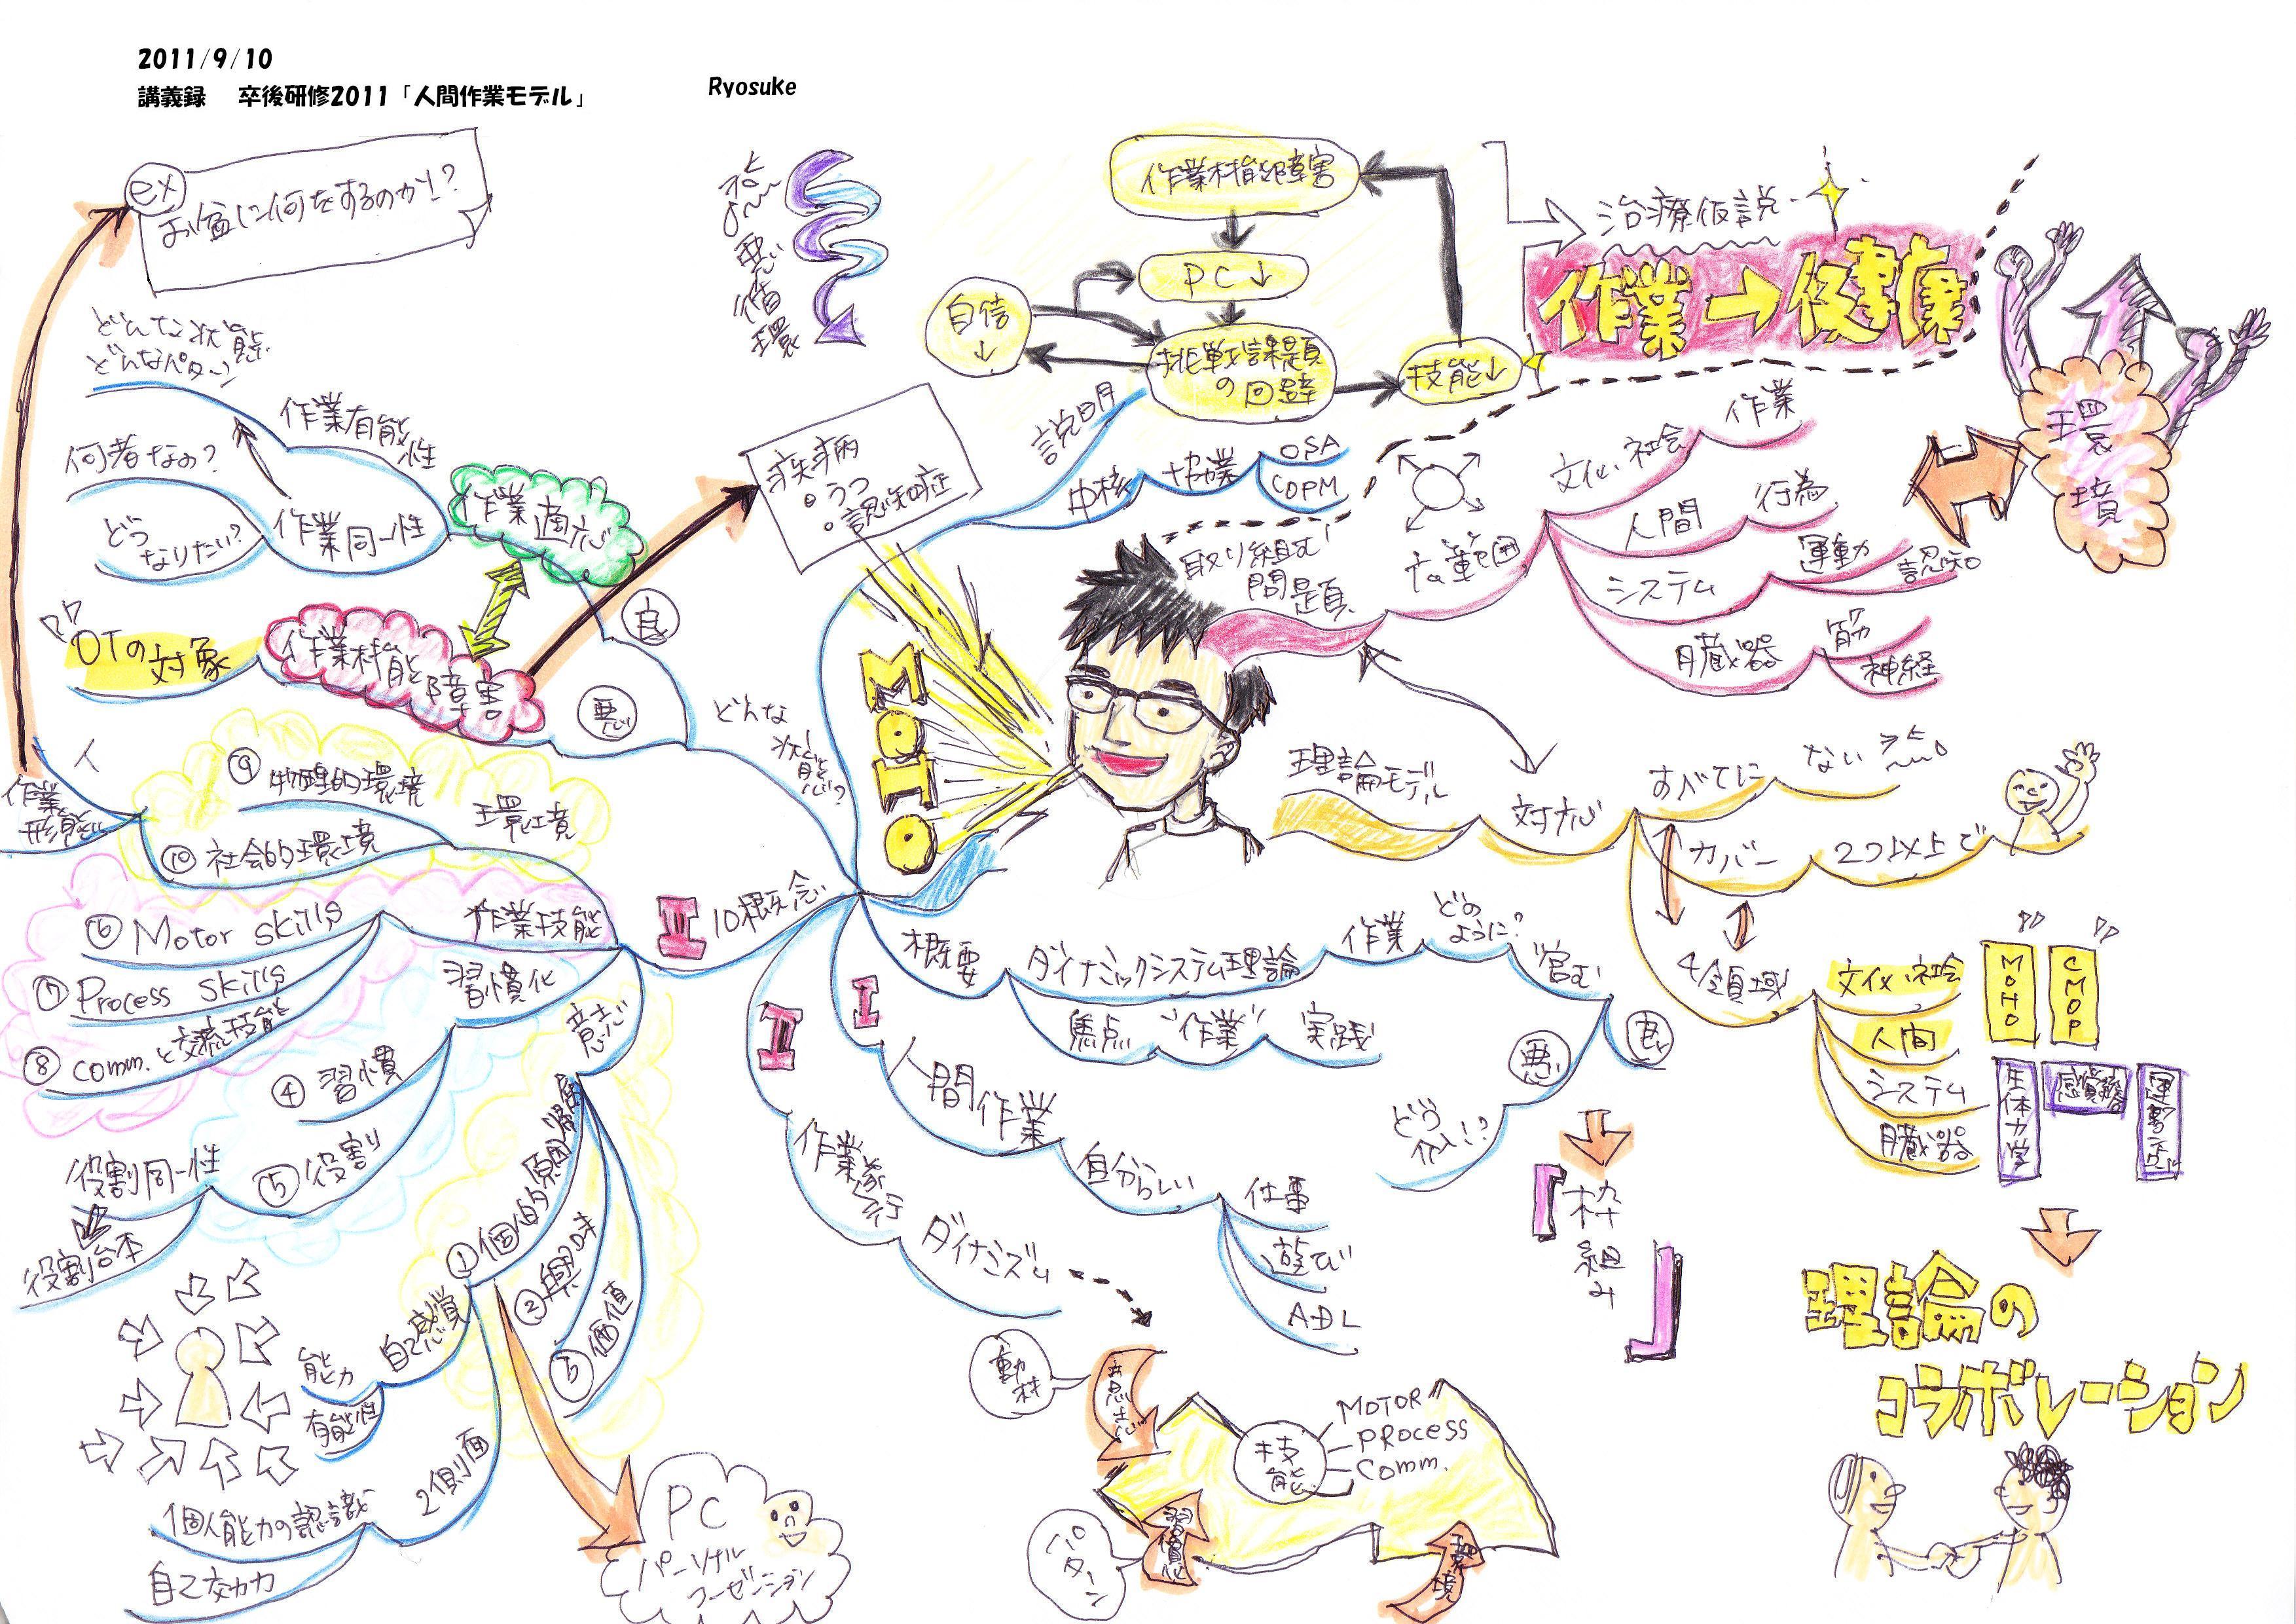 講義録「人間作業モデル」